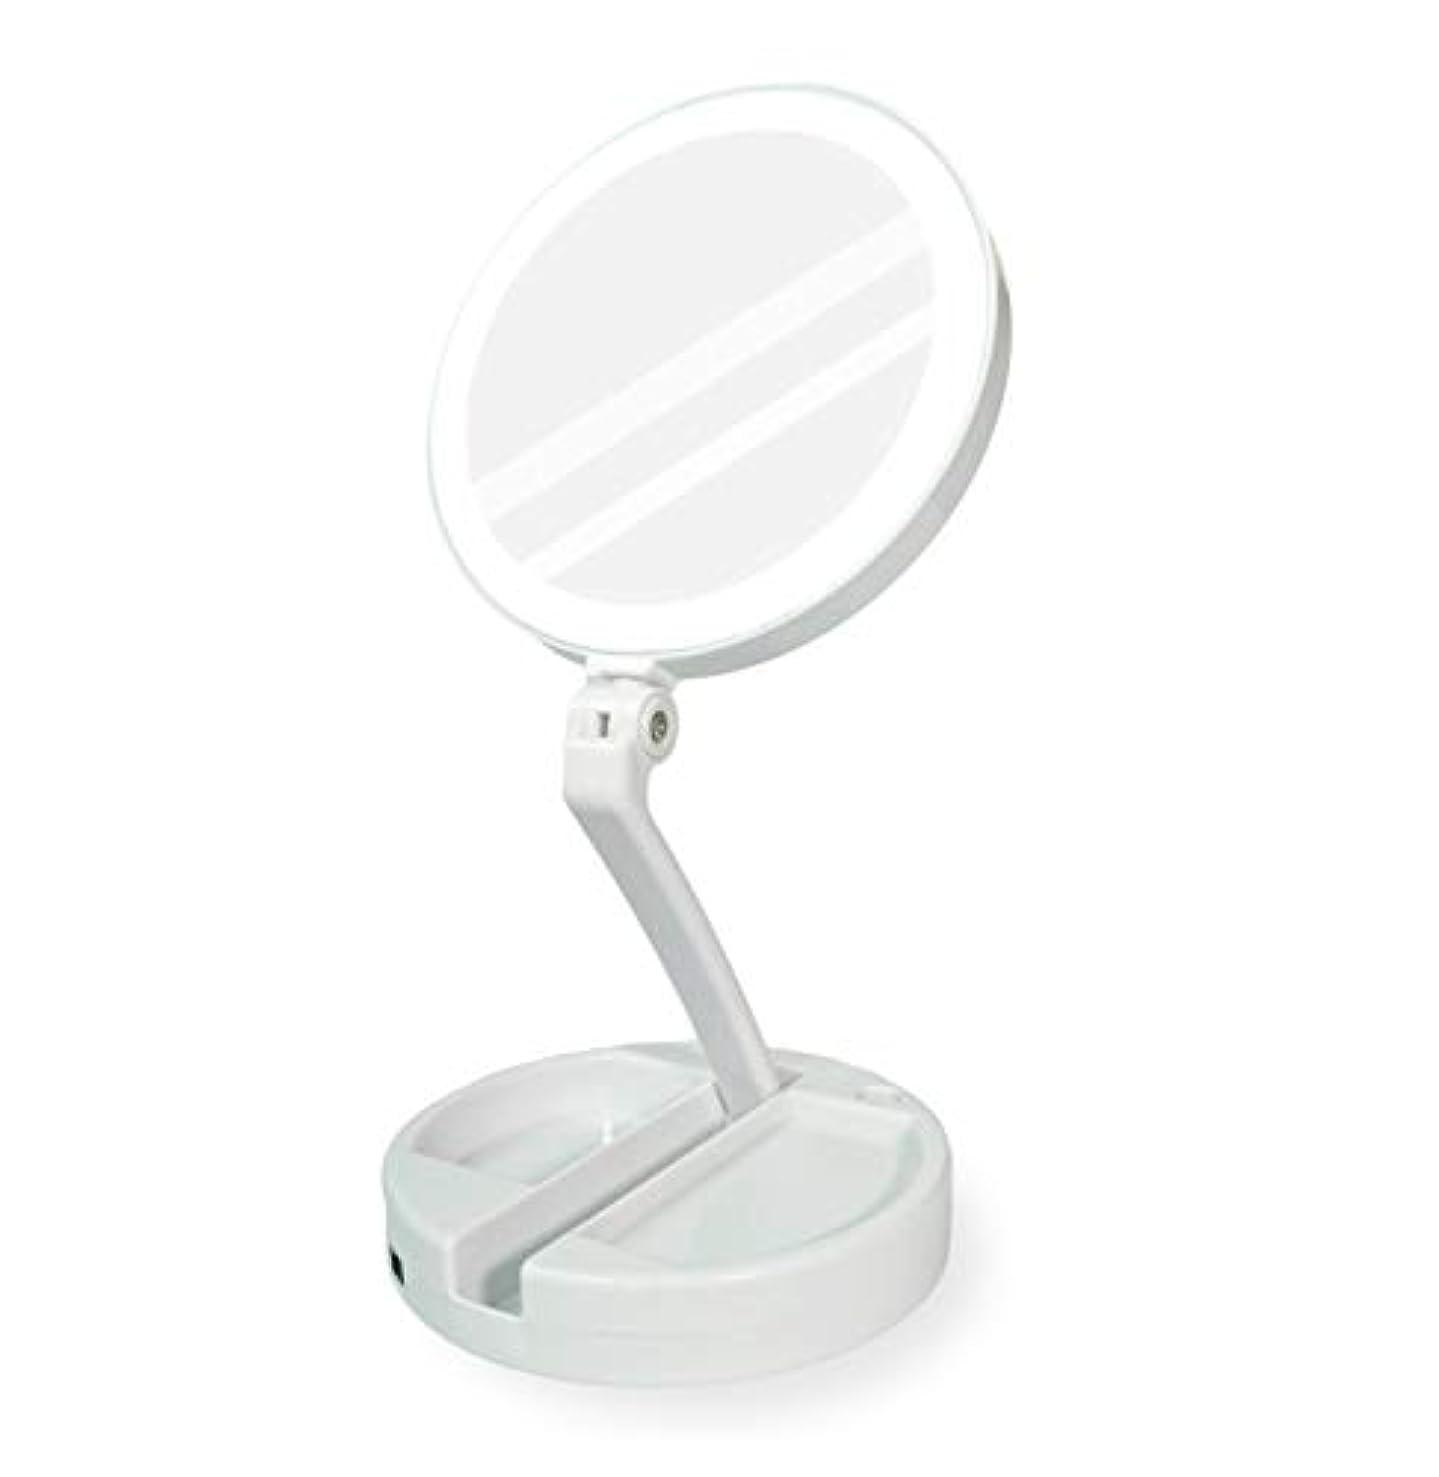 操作可能本当に理解するYEEZEN最新モデル 拡大鏡 化粧 無段調光 鏡 卓上 ライト付き拡大鏡 化粧鏡 等倍と10倍拡大 ライトつきミラー 折りたたみ式 360°回転 収納しやすい 鏡 led 拡大ミラー